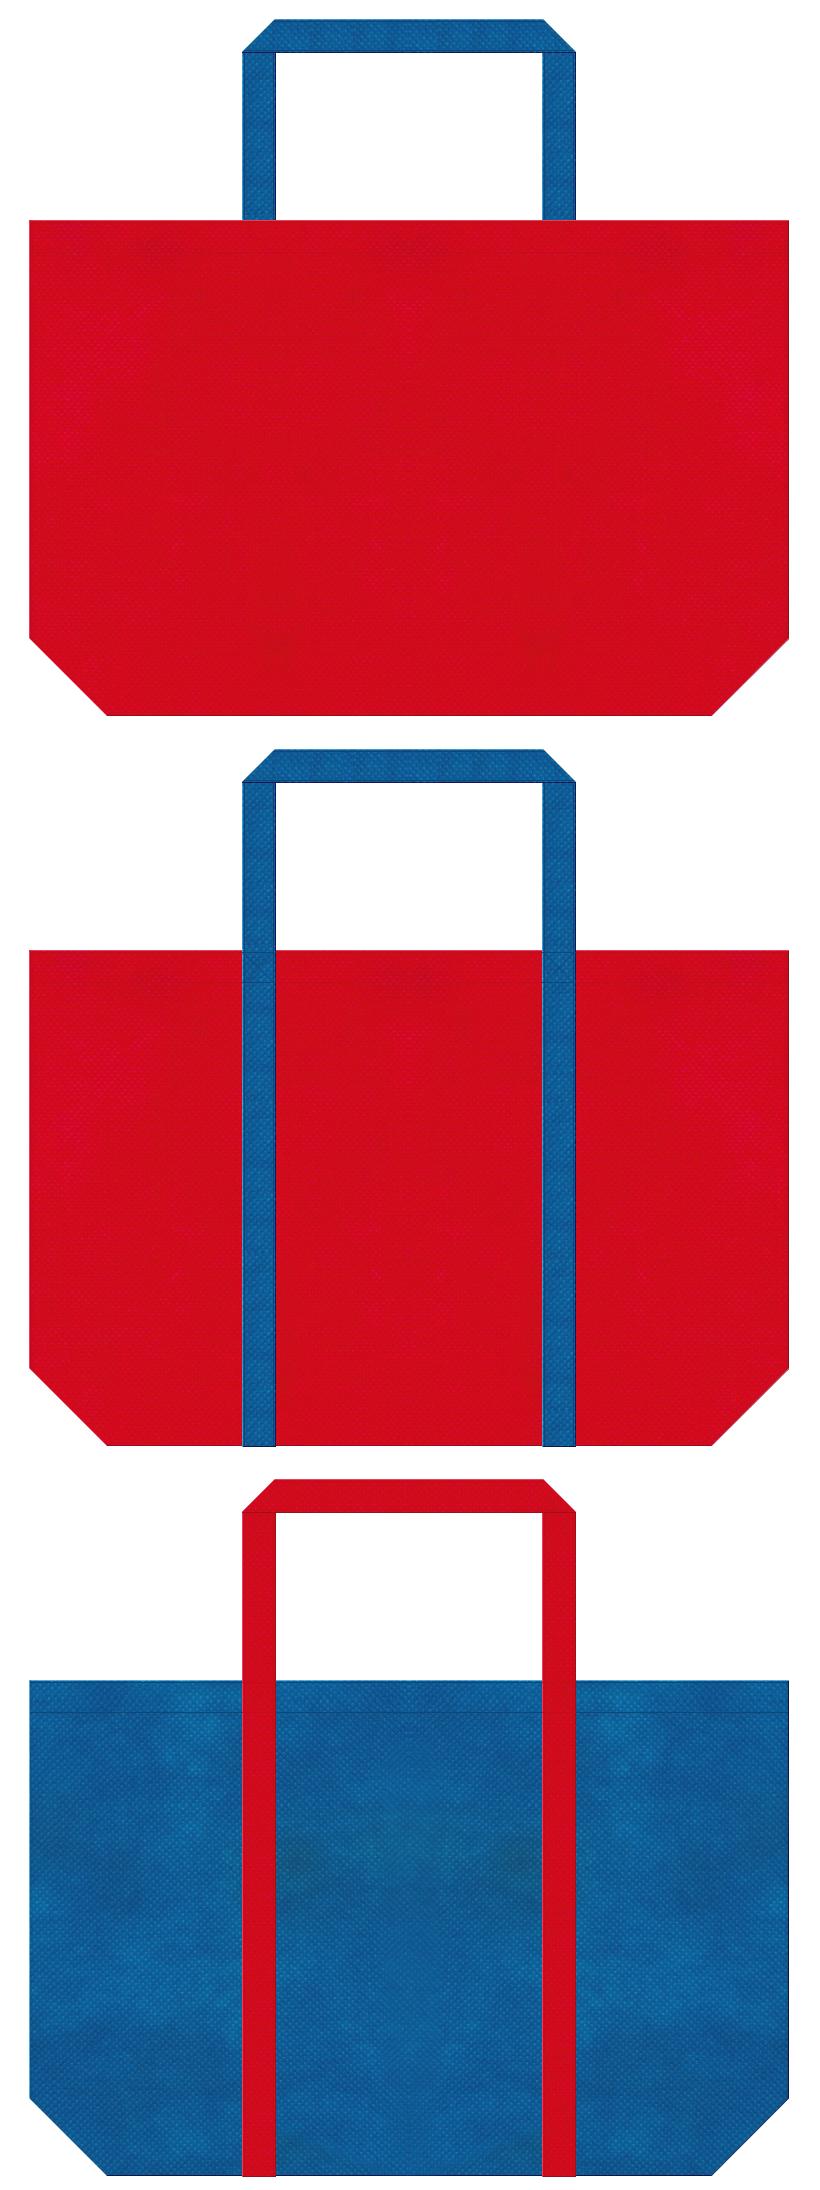 テーマパーク・キッズイベント・おもちゃの福袋にお奨めの不織布バッグデザイン:紅色と青色のコーデ